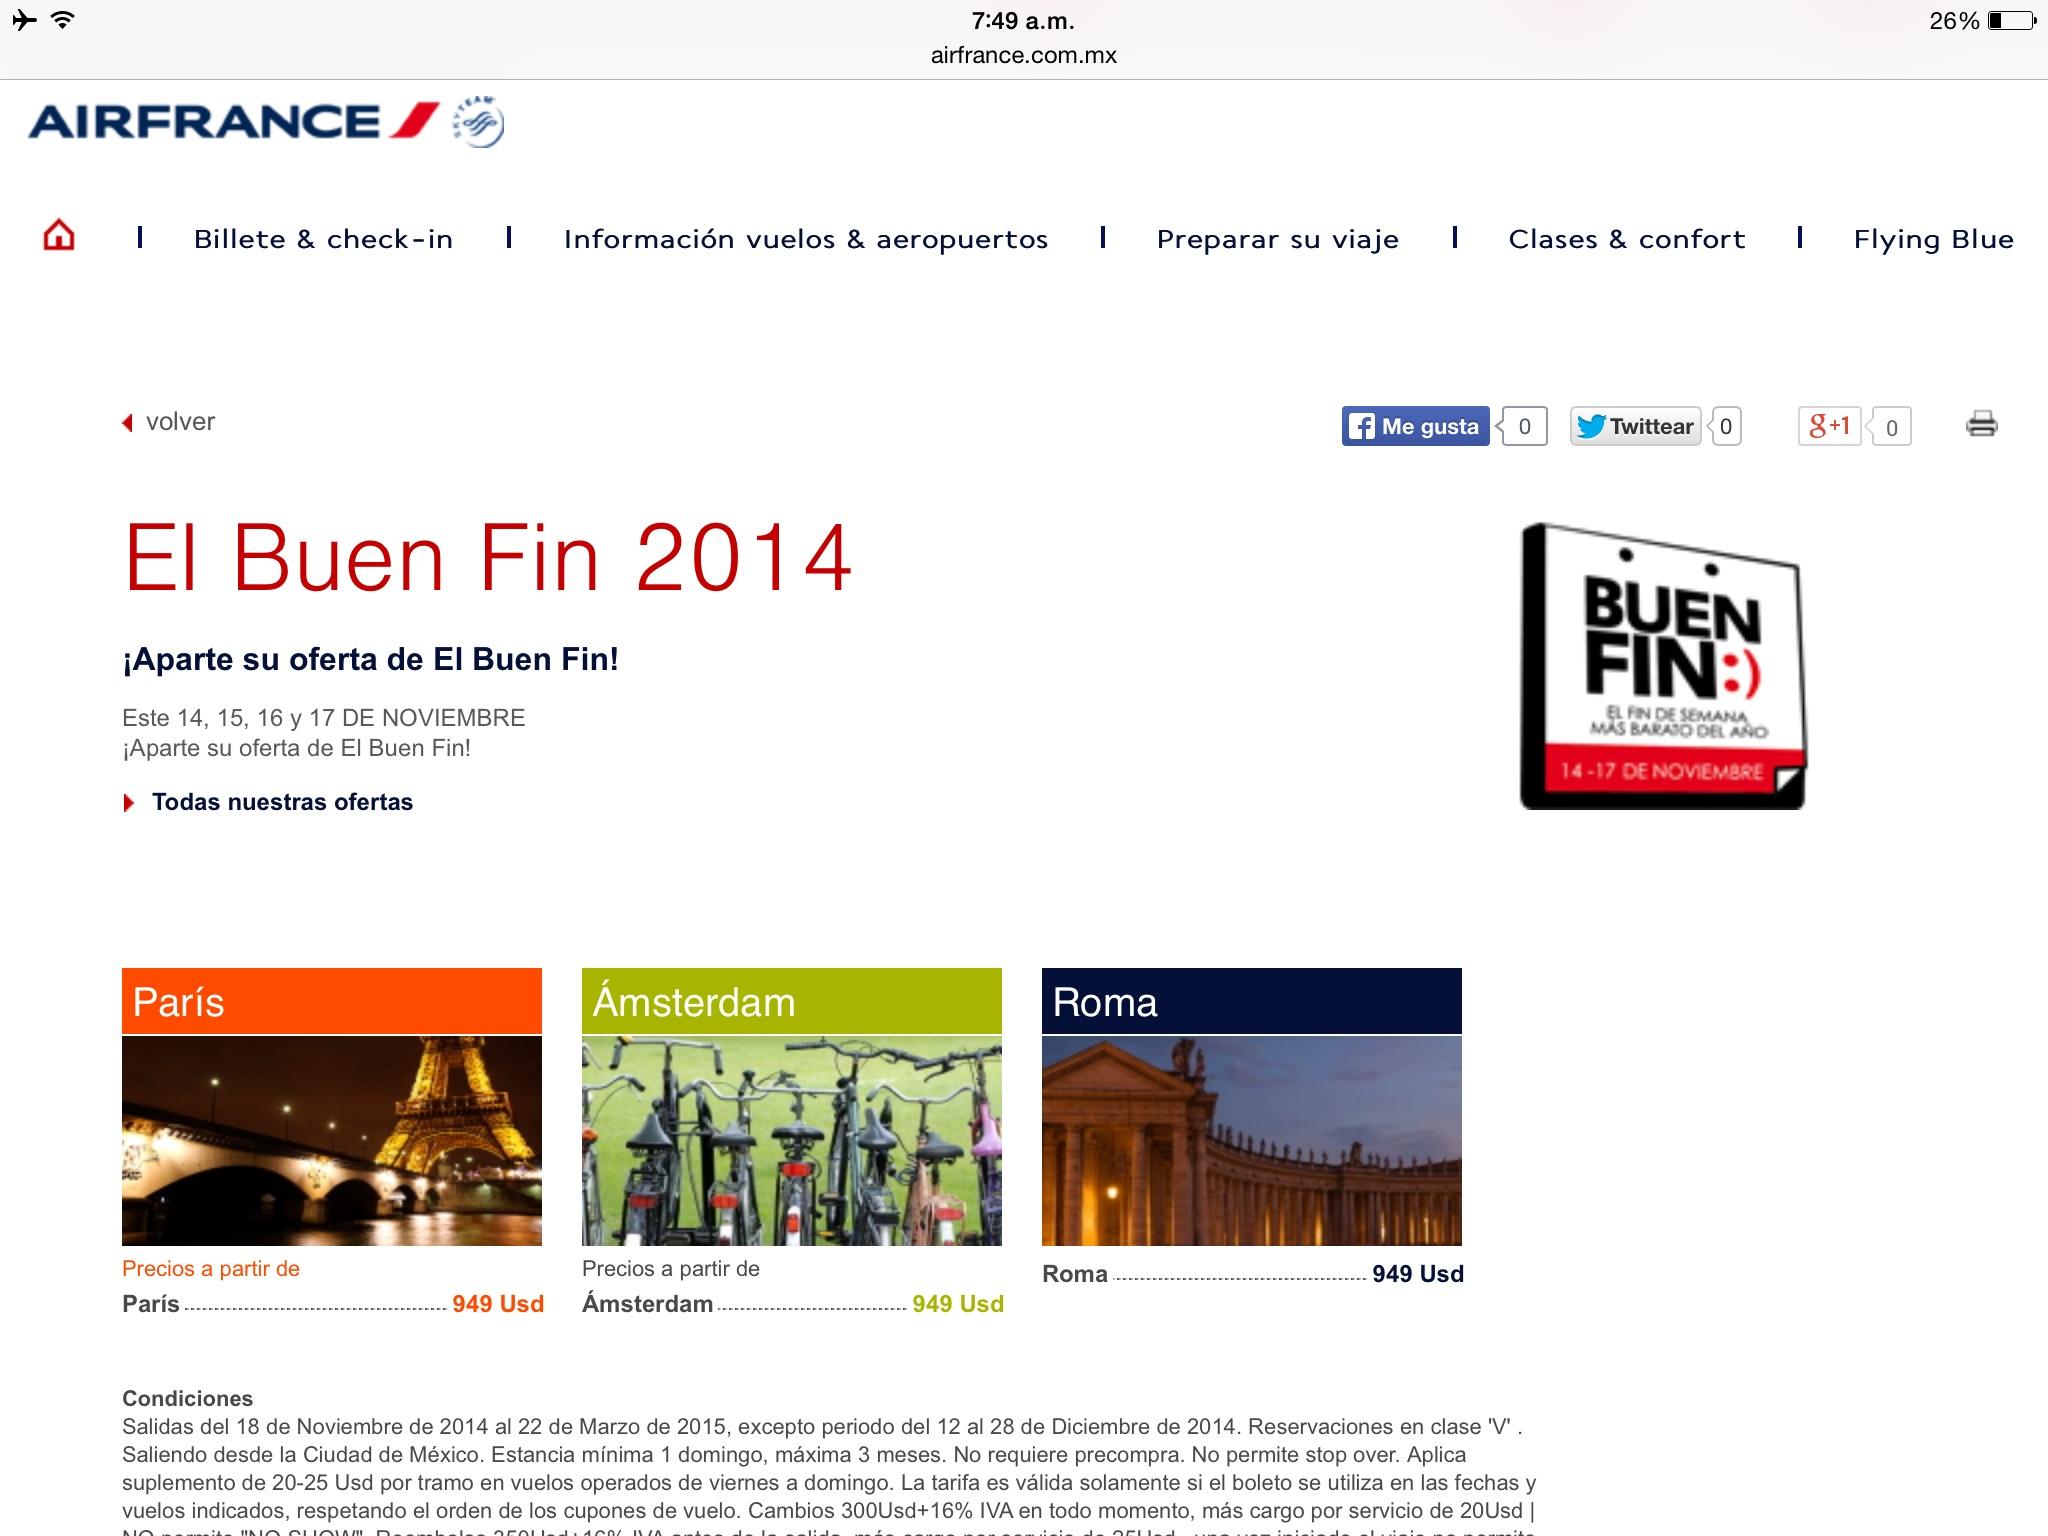 Promoción del Buen Fin 2014 en Air France: París , Amsterdam y Roma redondo por 949 usd